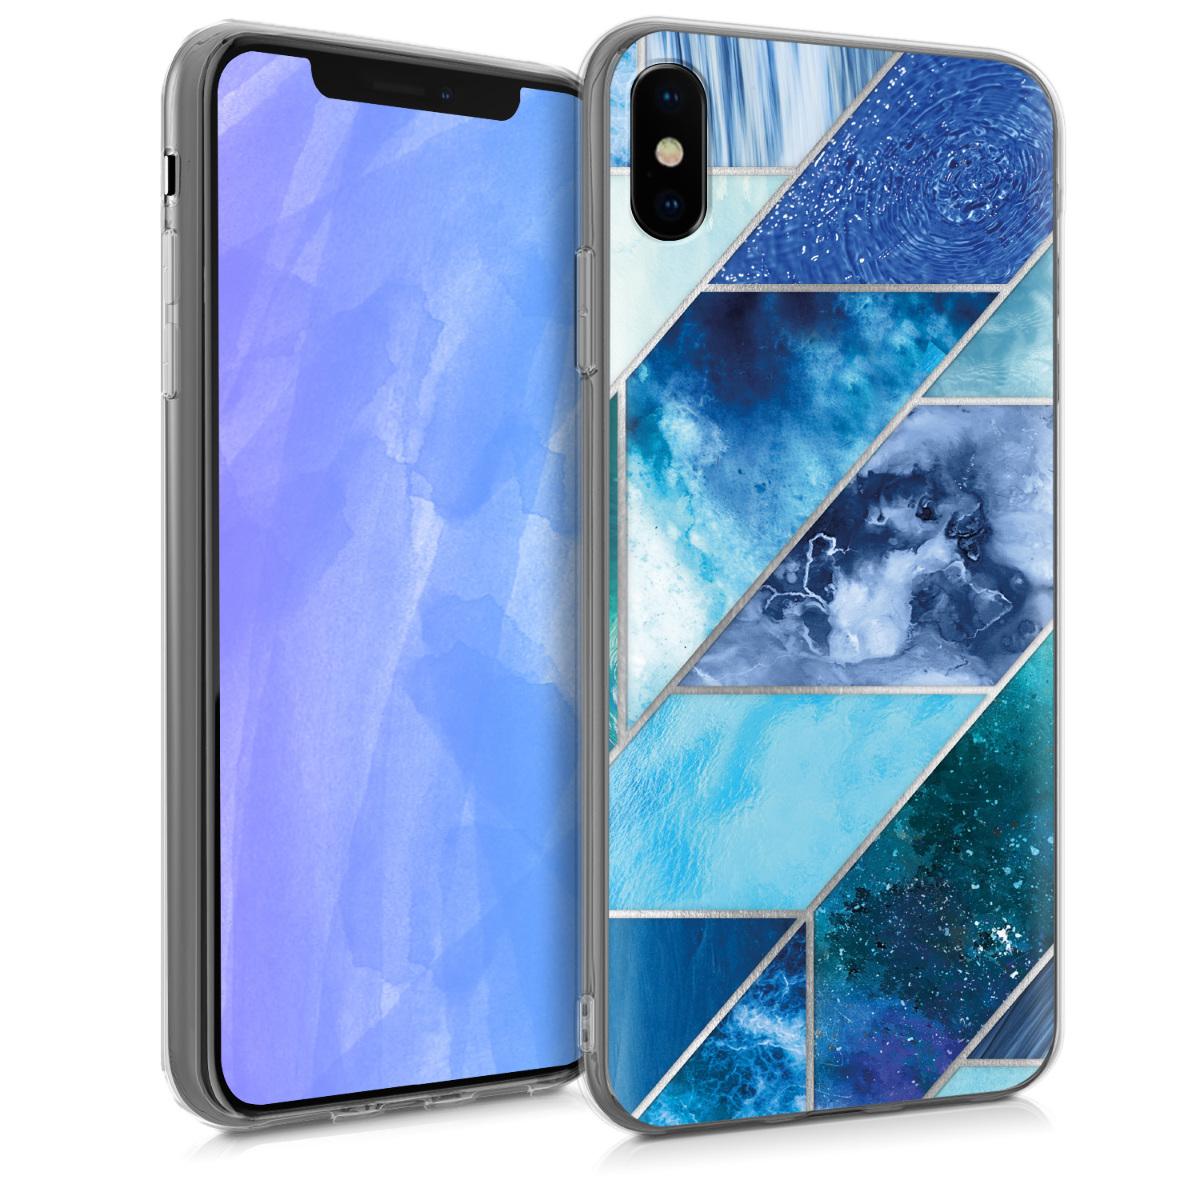 Kvalitní silikonové TPU pouzdro pro Apple iPhone XS - Geometrické vzory modrá | Turquoise | Silver